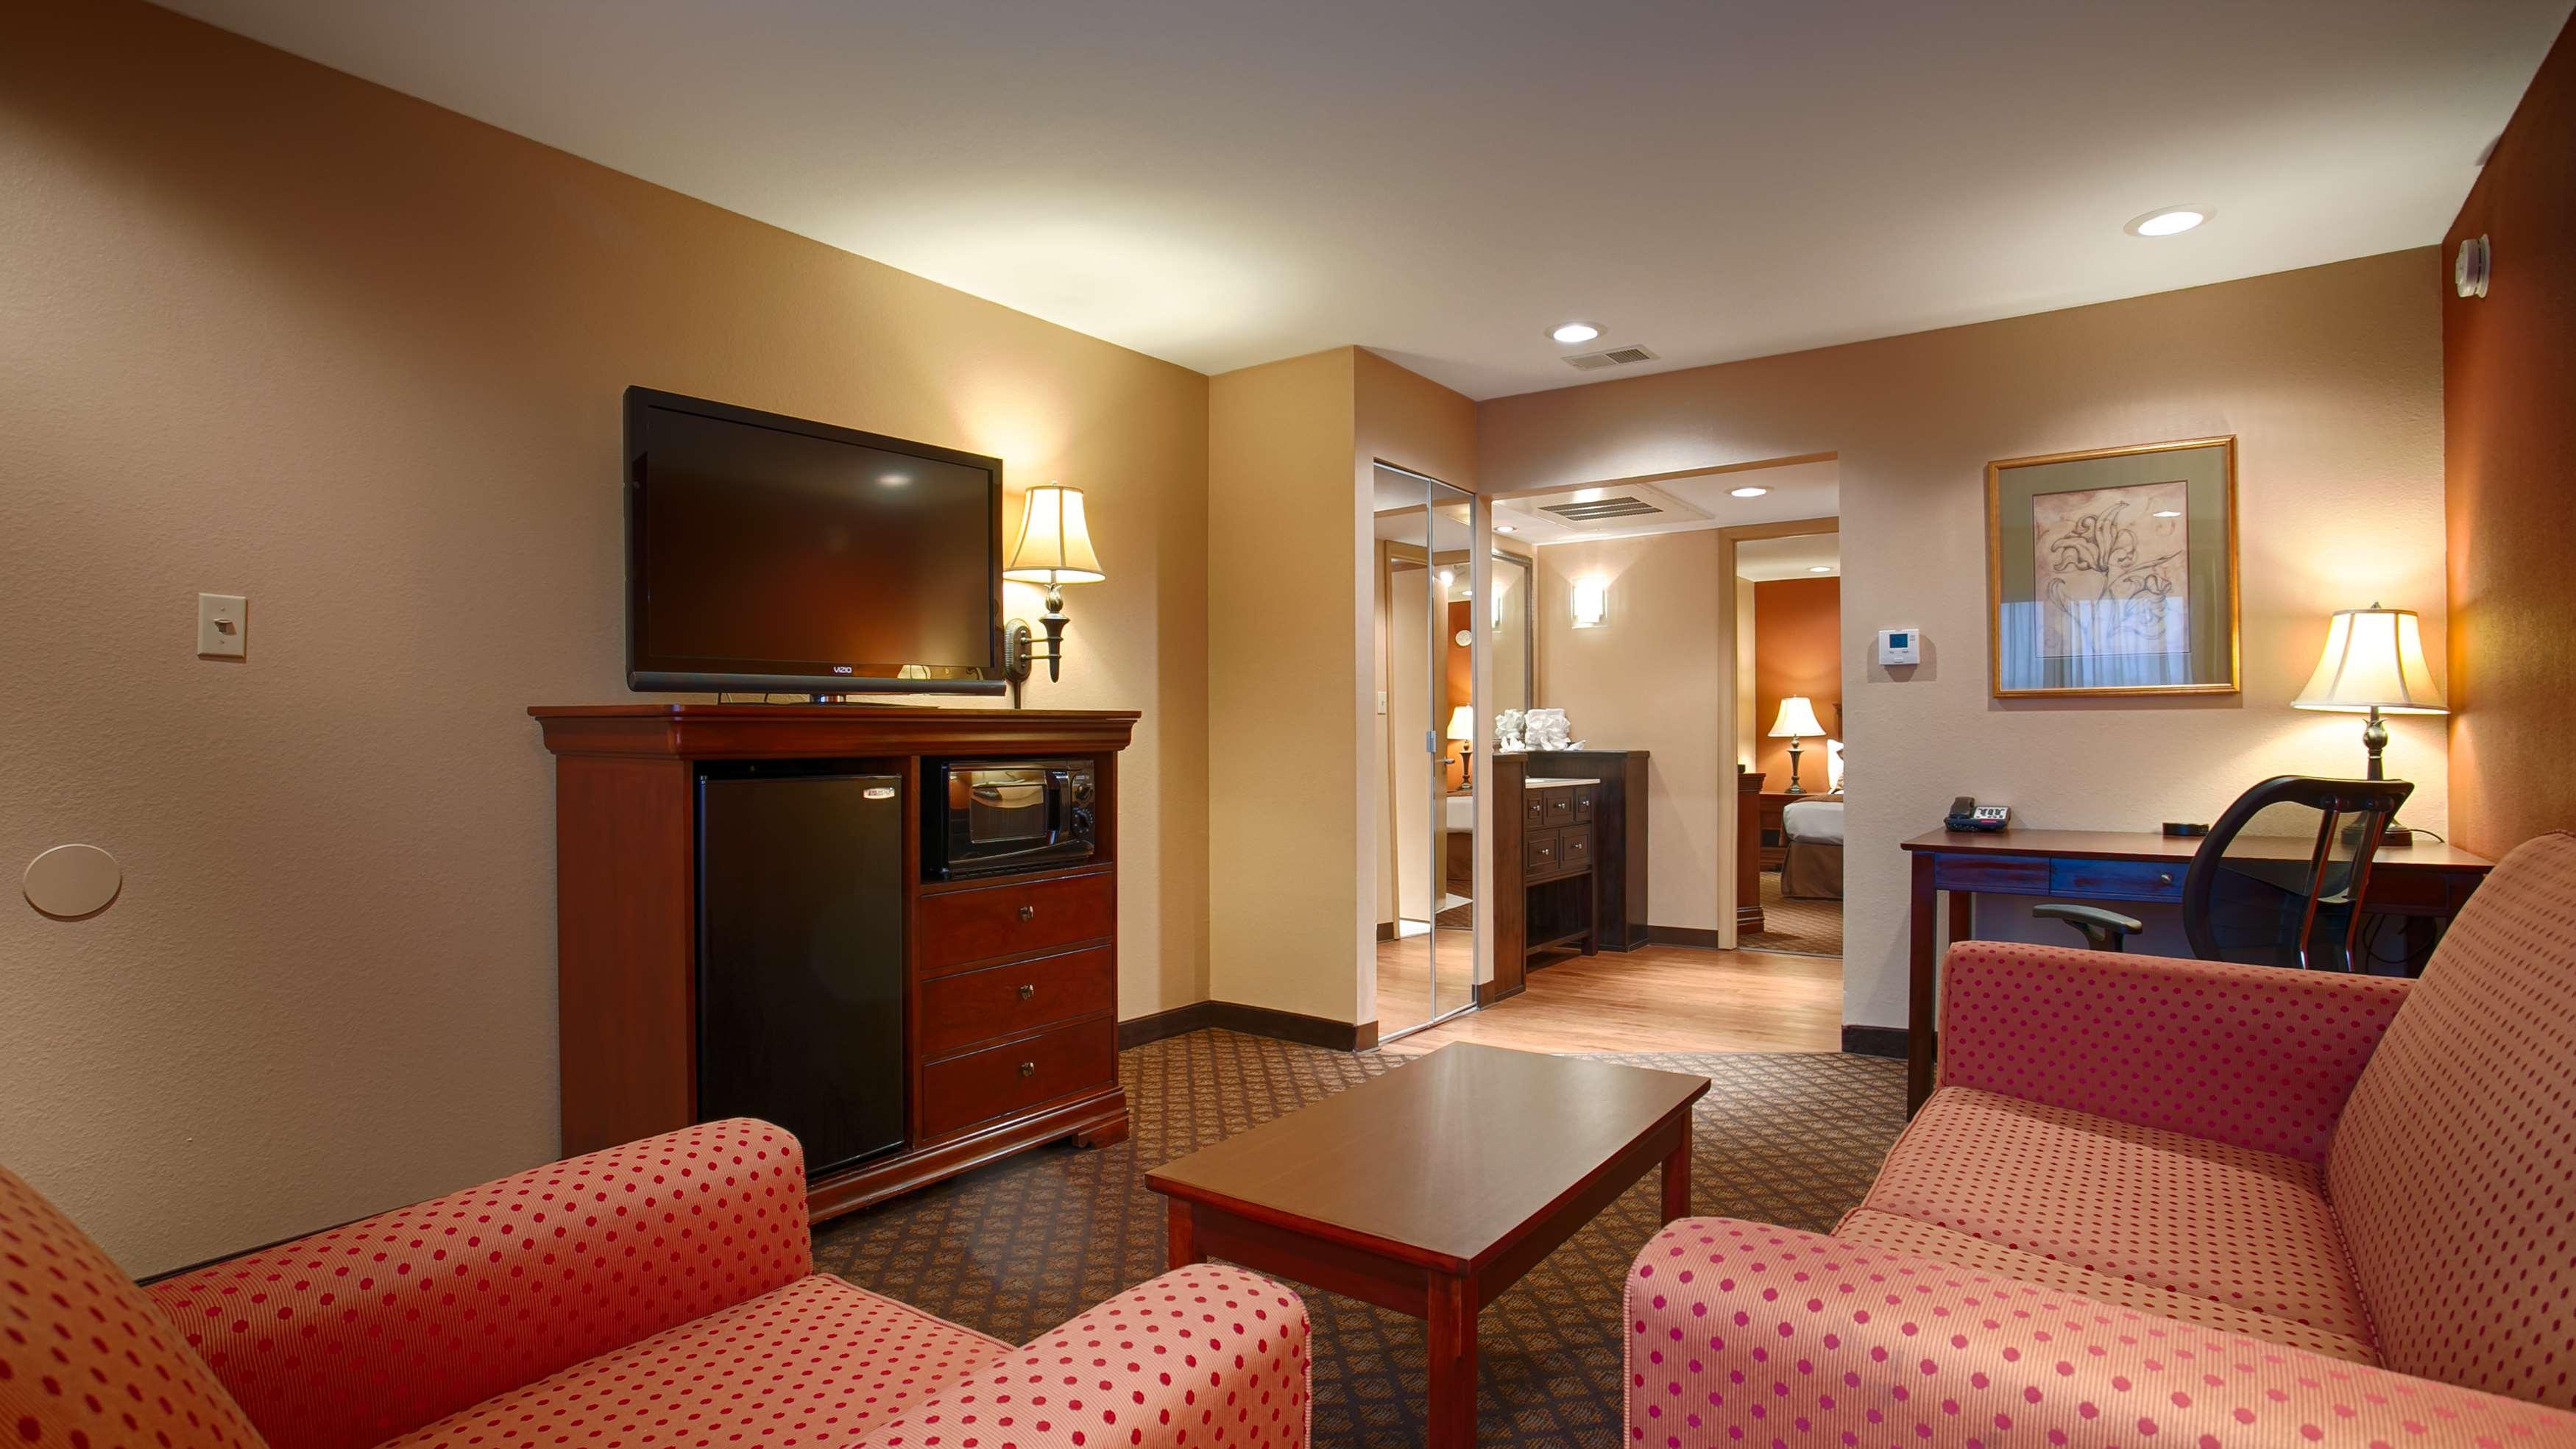 Best Western Plus Landing View Inn & Suites image 8